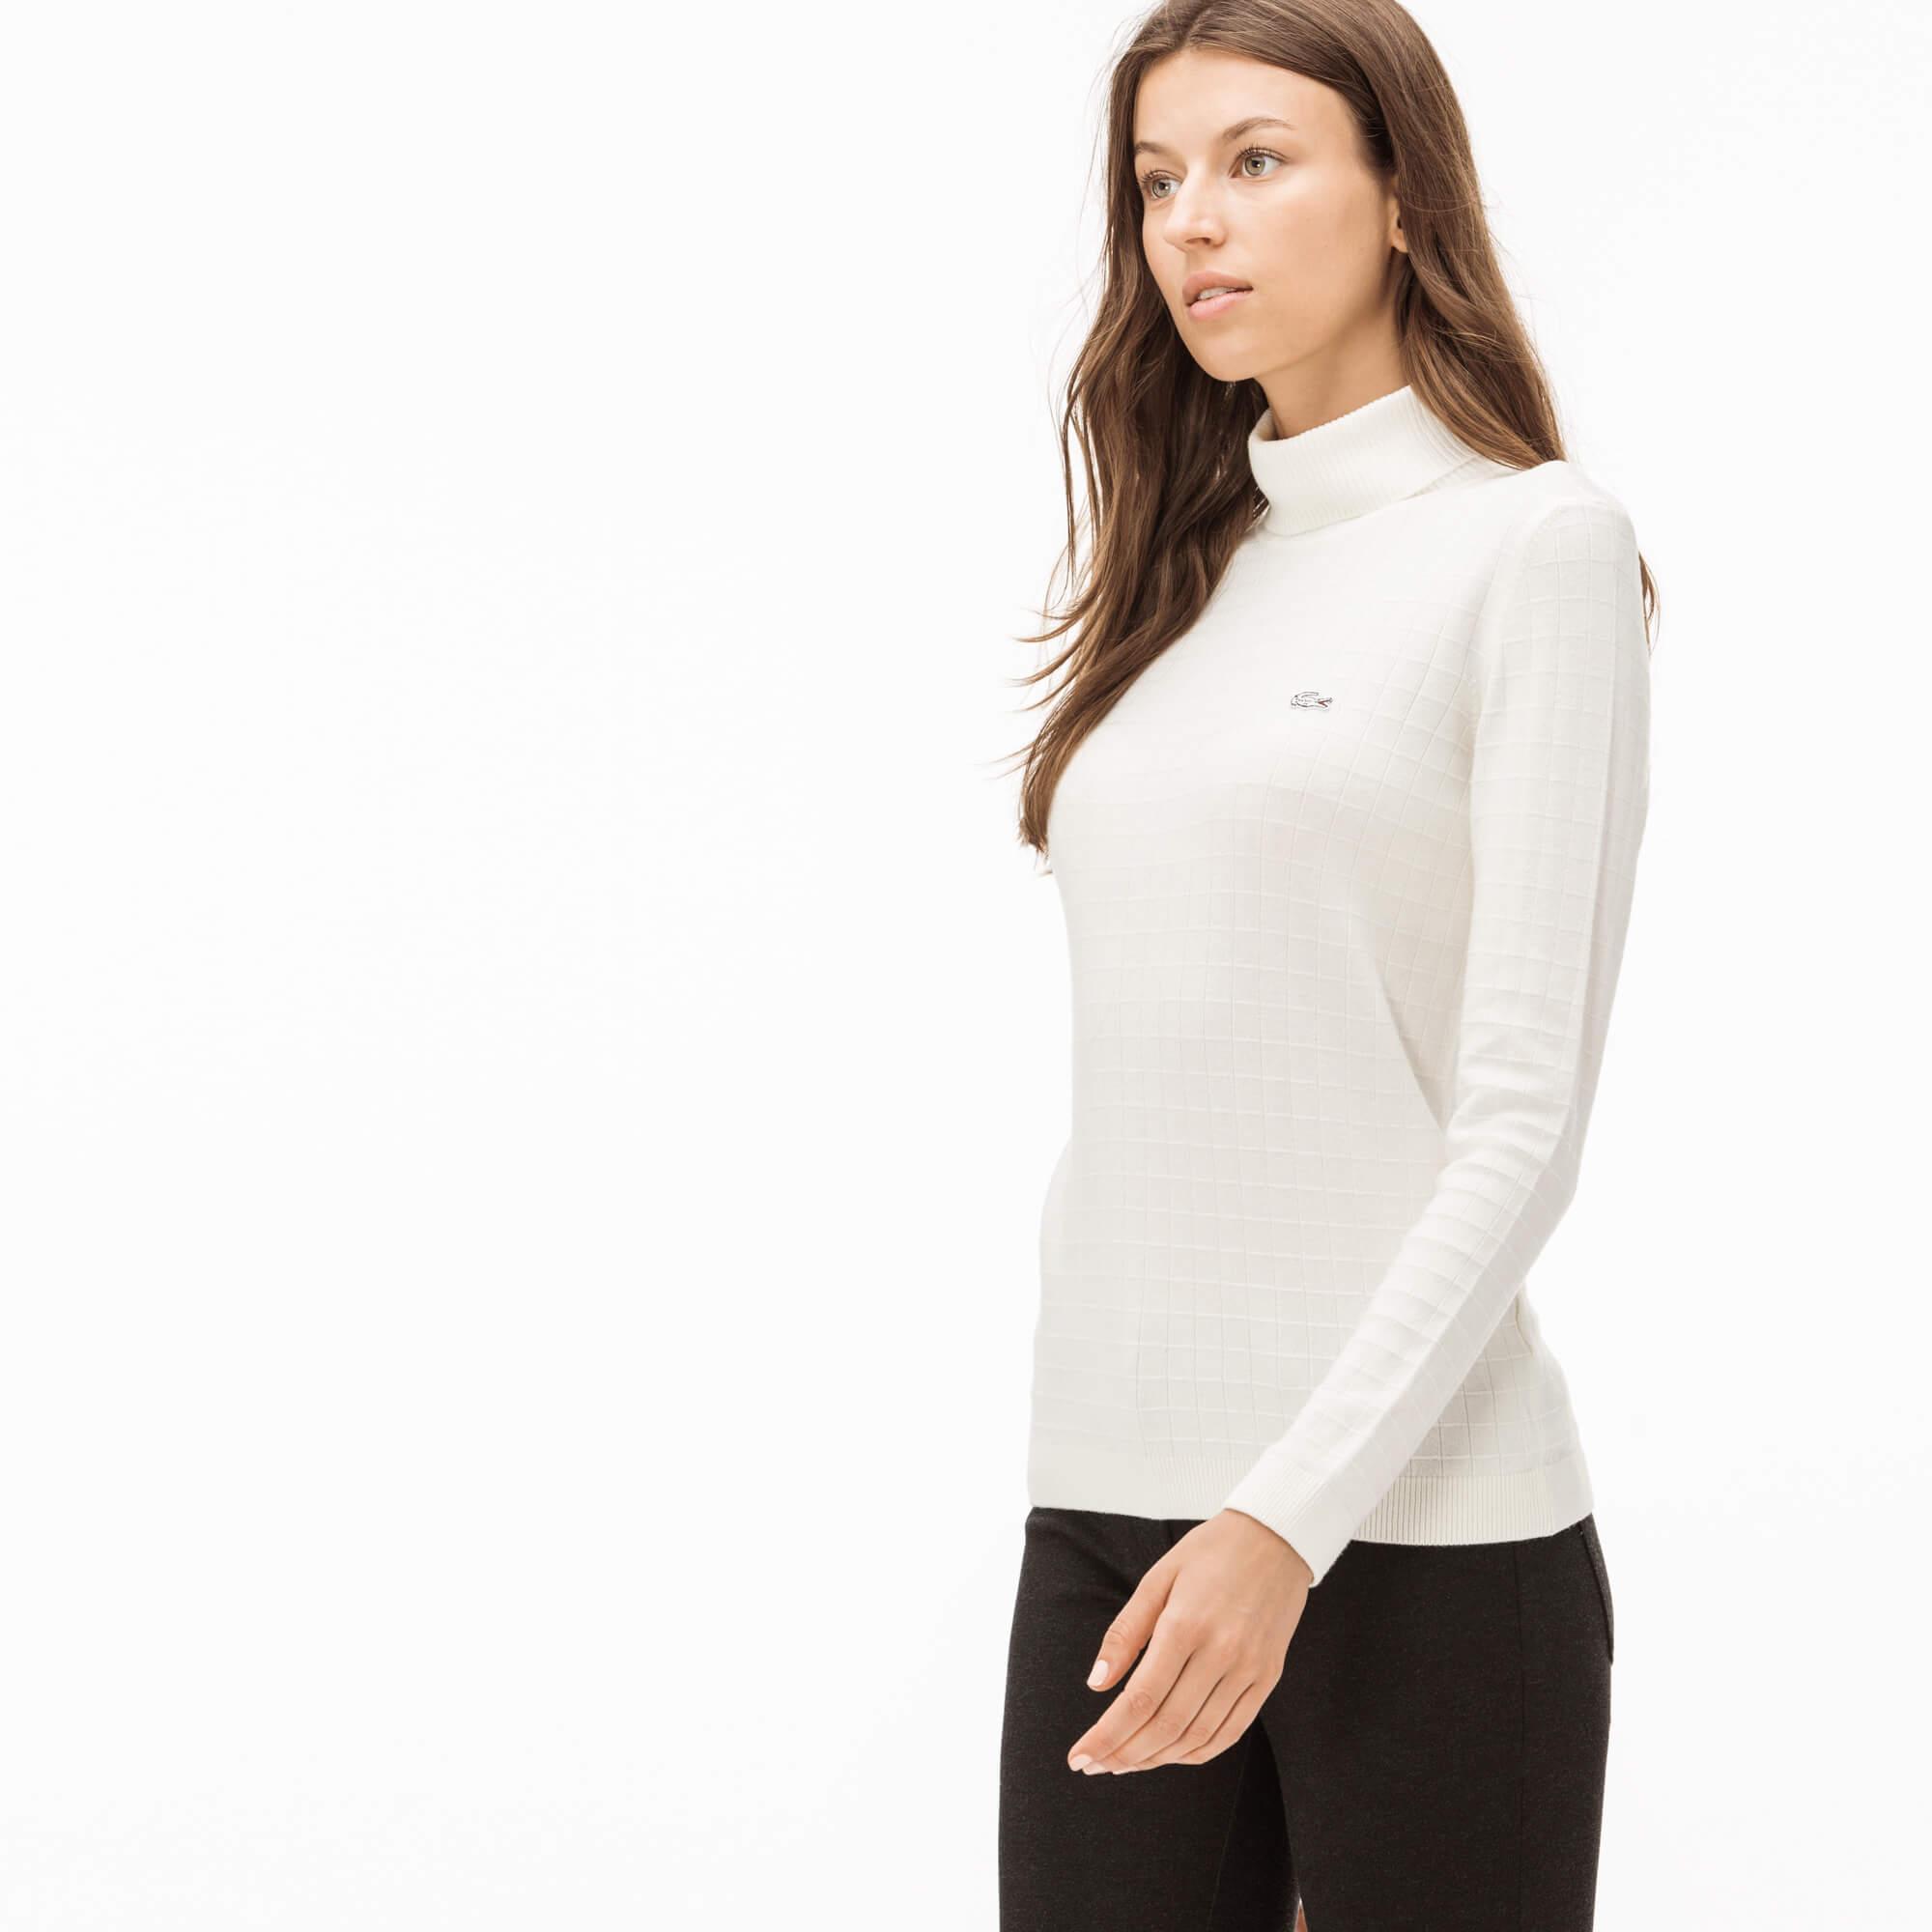 Lacoste Women's Knitewear